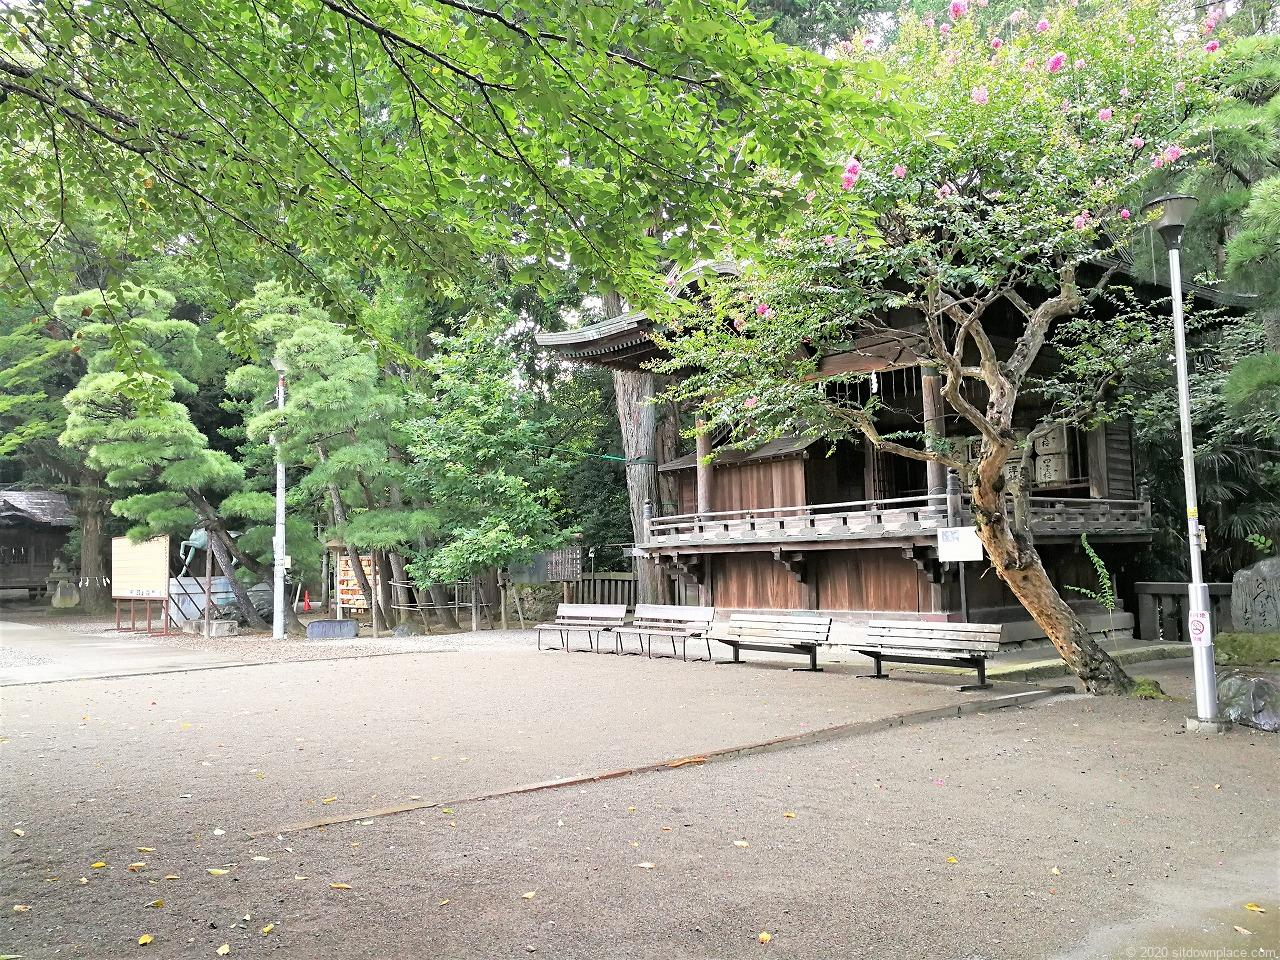 東武宇都宮駅 二荒山神社の休憩場所